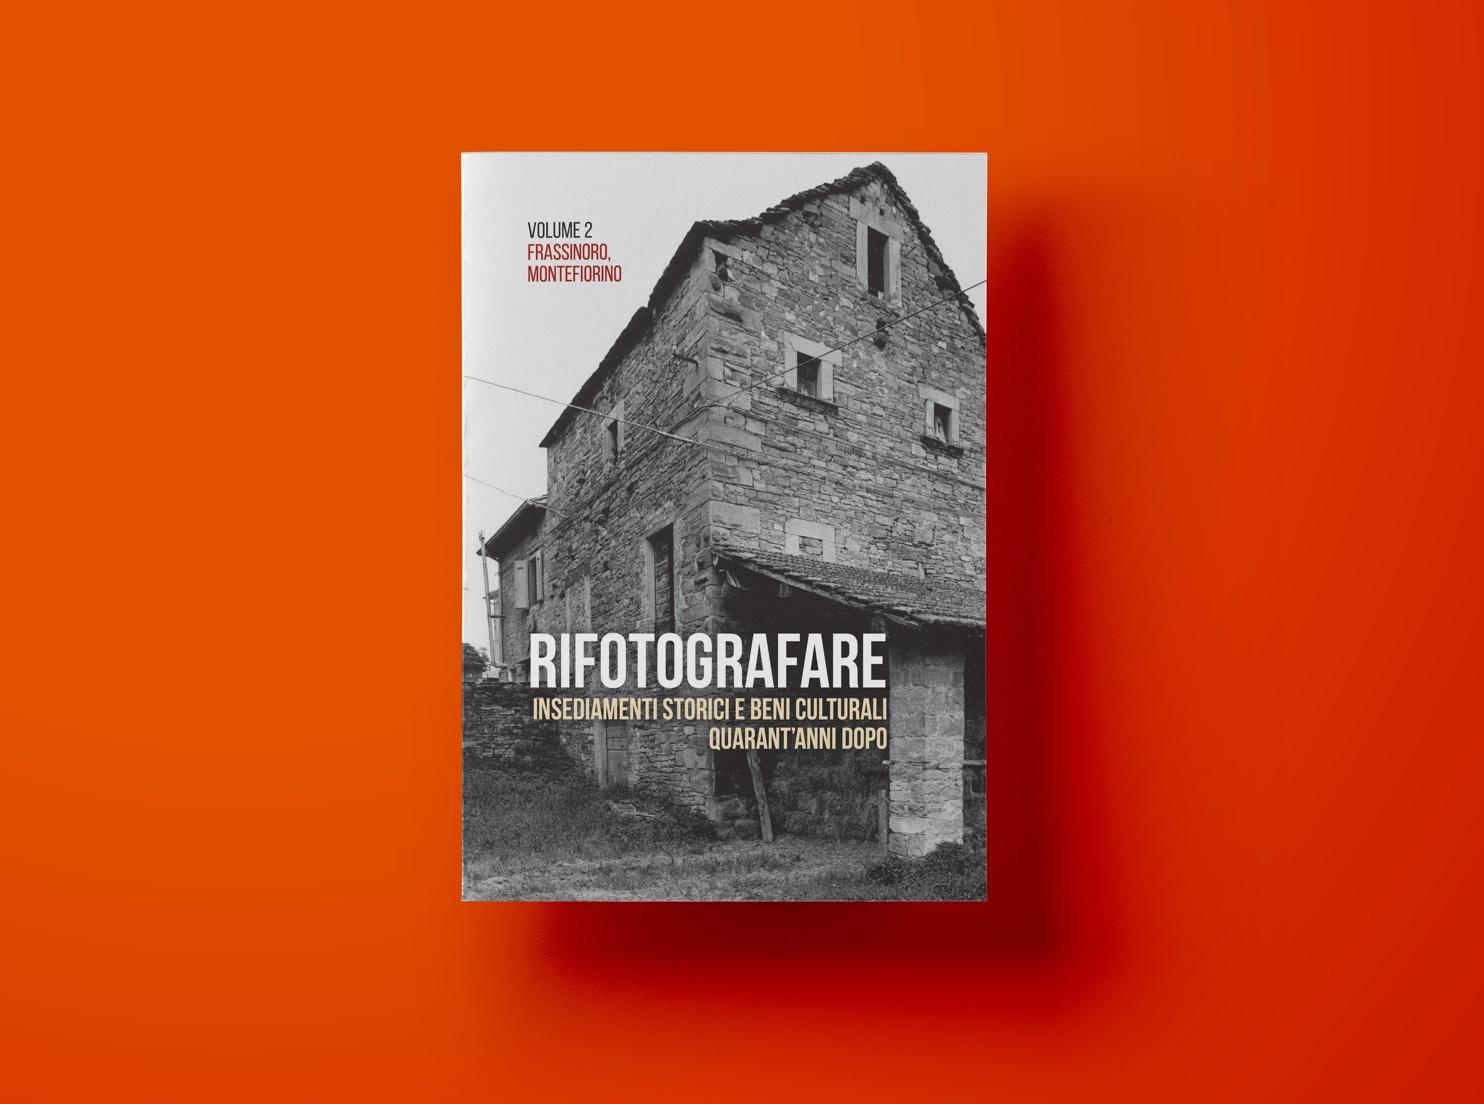 Rifotografare II - Montefiorino, Frassinoro